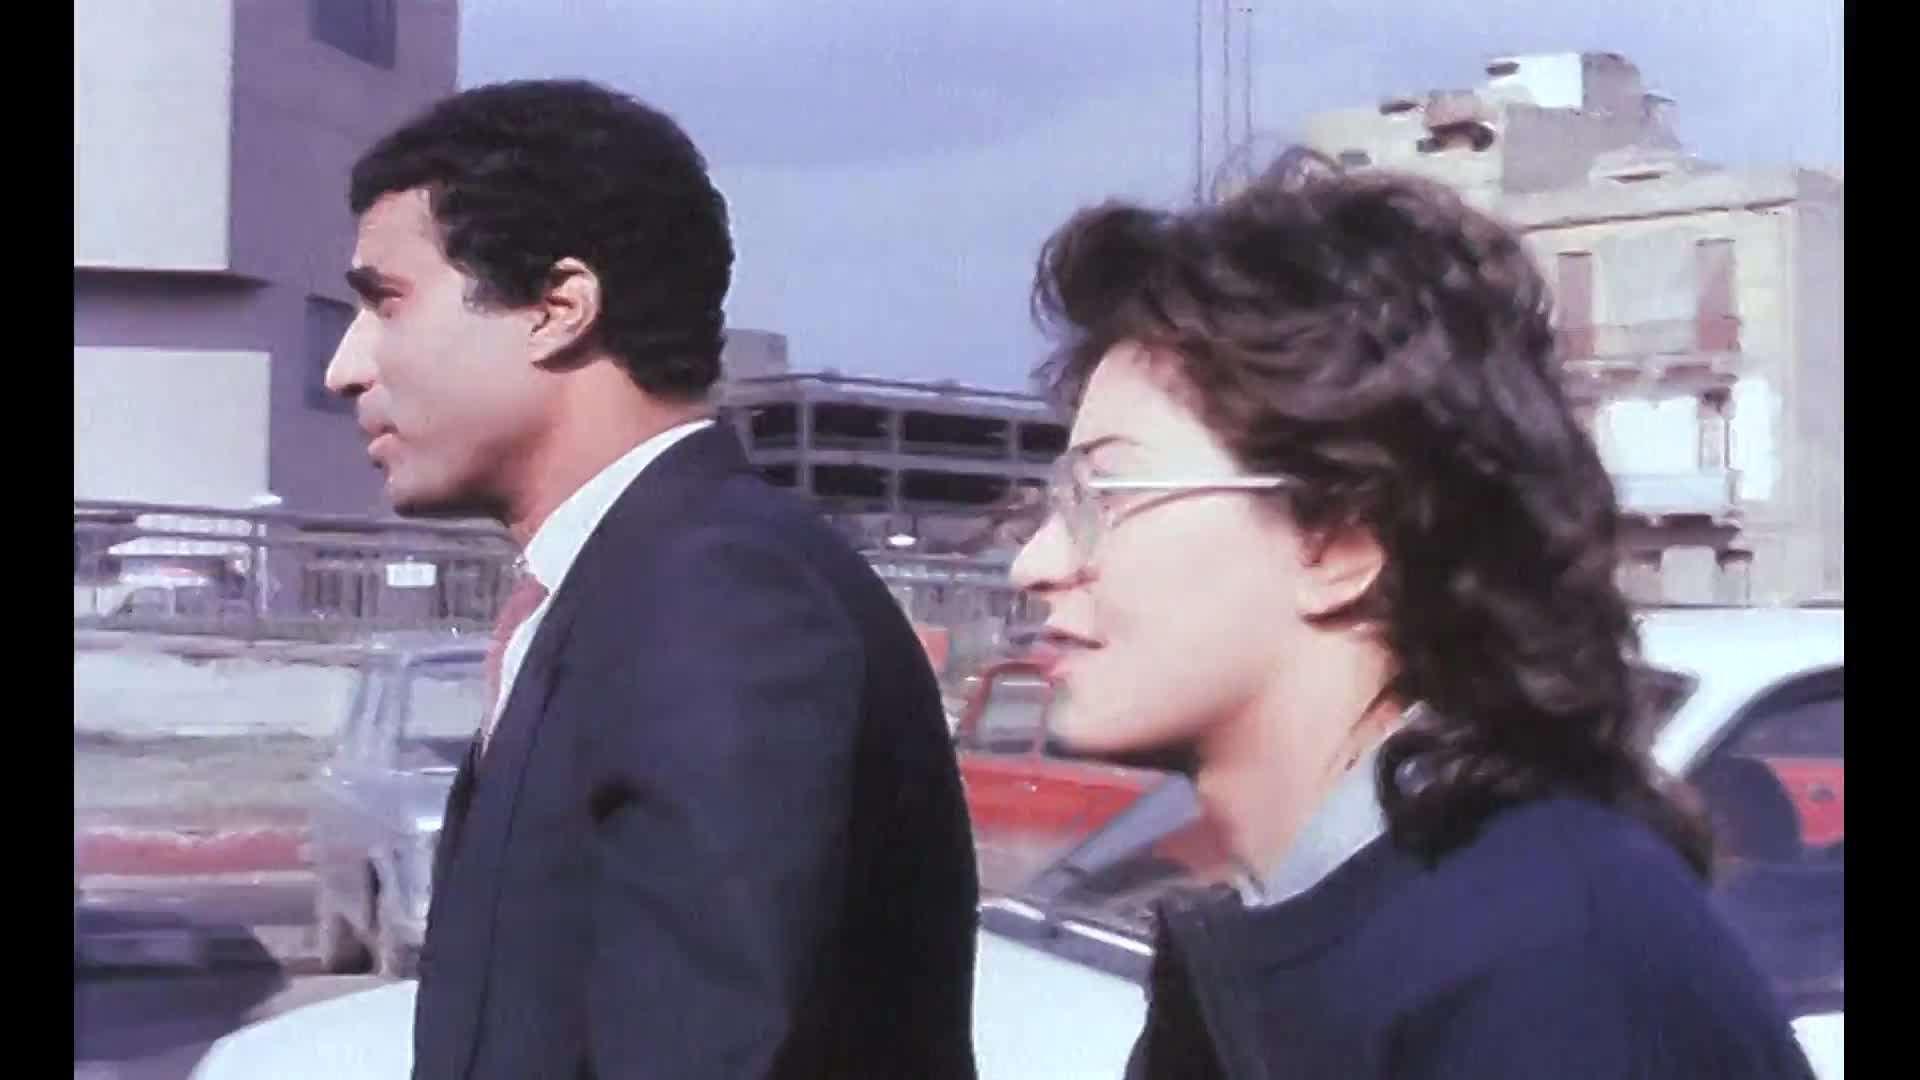 [فيلم][تورنت][تحميل][امرأة واحدة لا تكفي][1990][1080p][Web-DL] 7 arabp2p.com